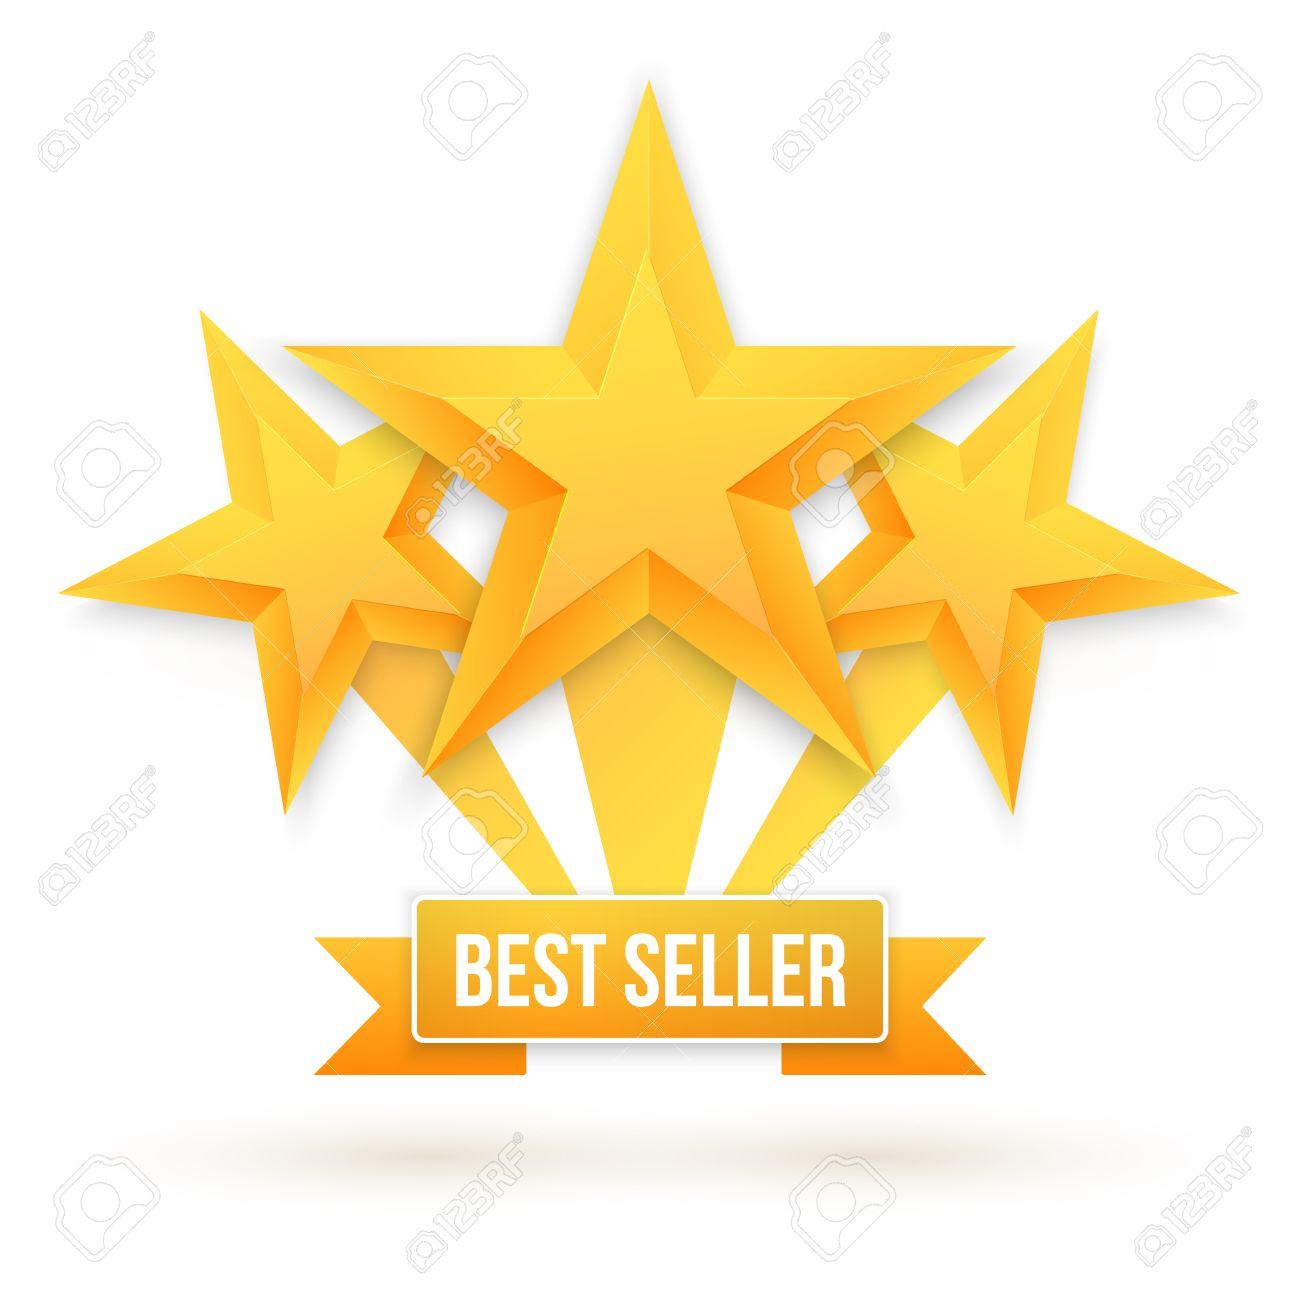 最高の売り手のゴールドのイラスト背景の星します。5 つ星の評価はトップ